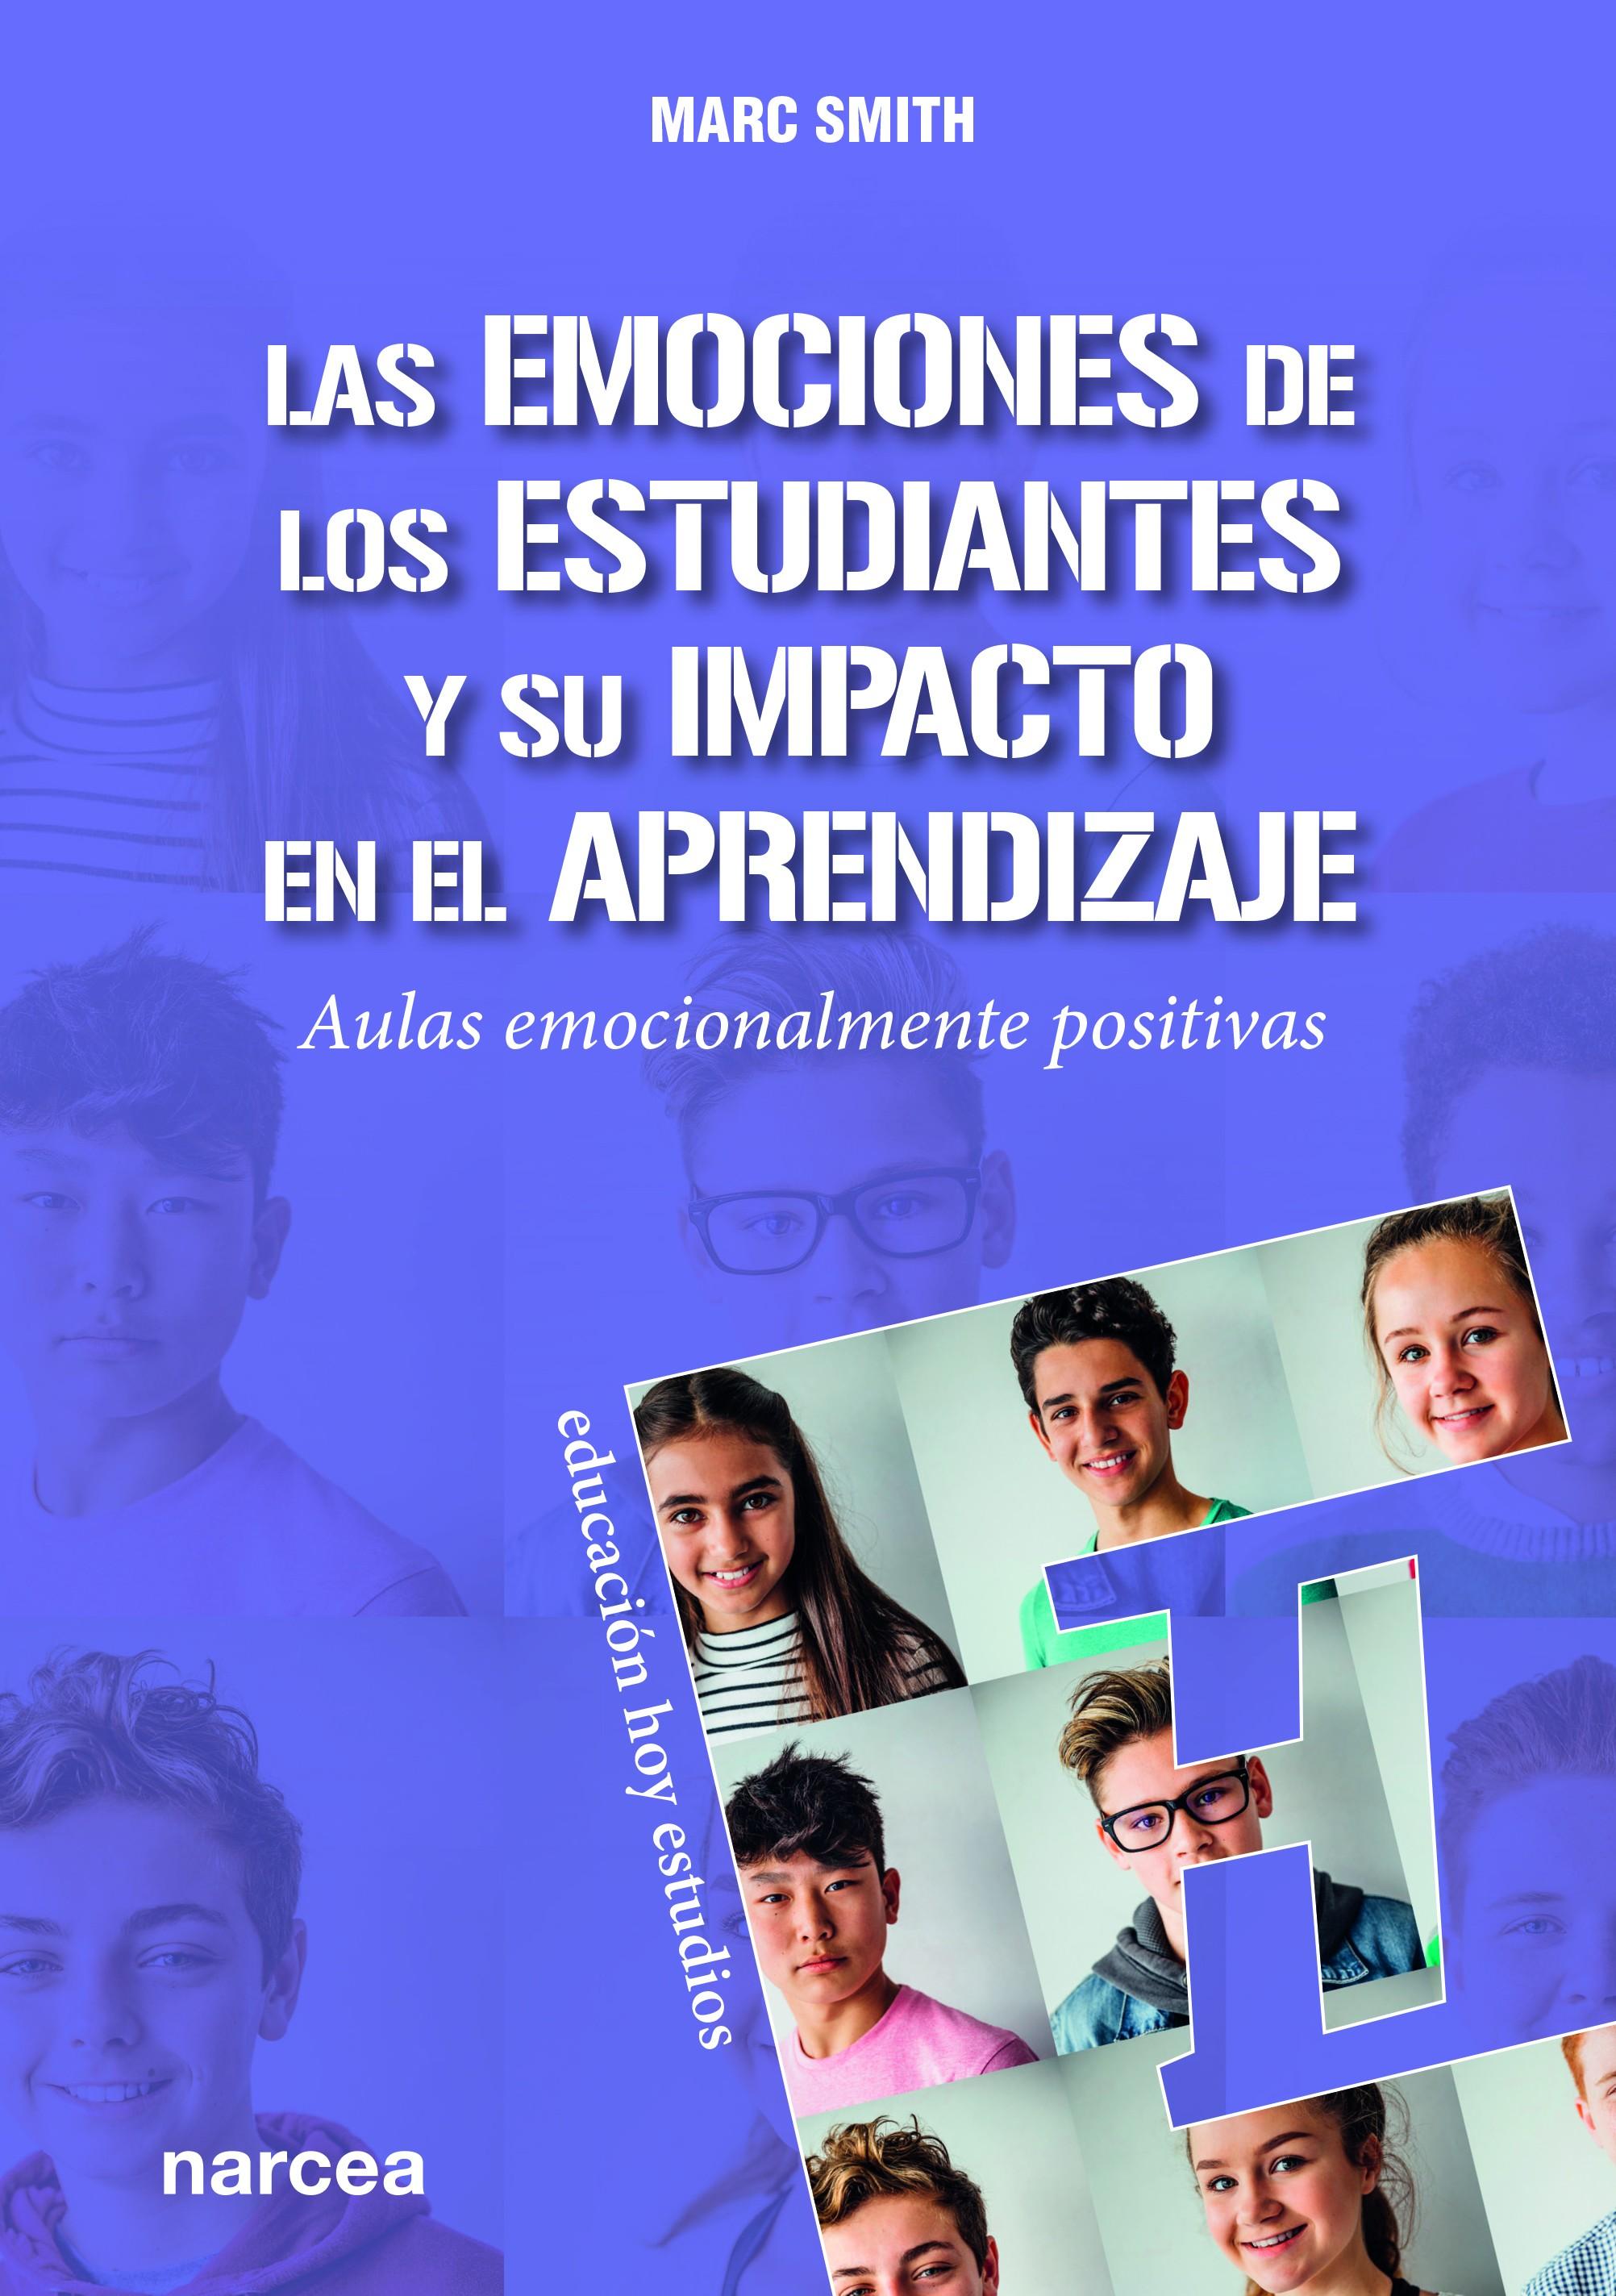 Las emociones de los estudiantes y su impacto en el aprendizaje